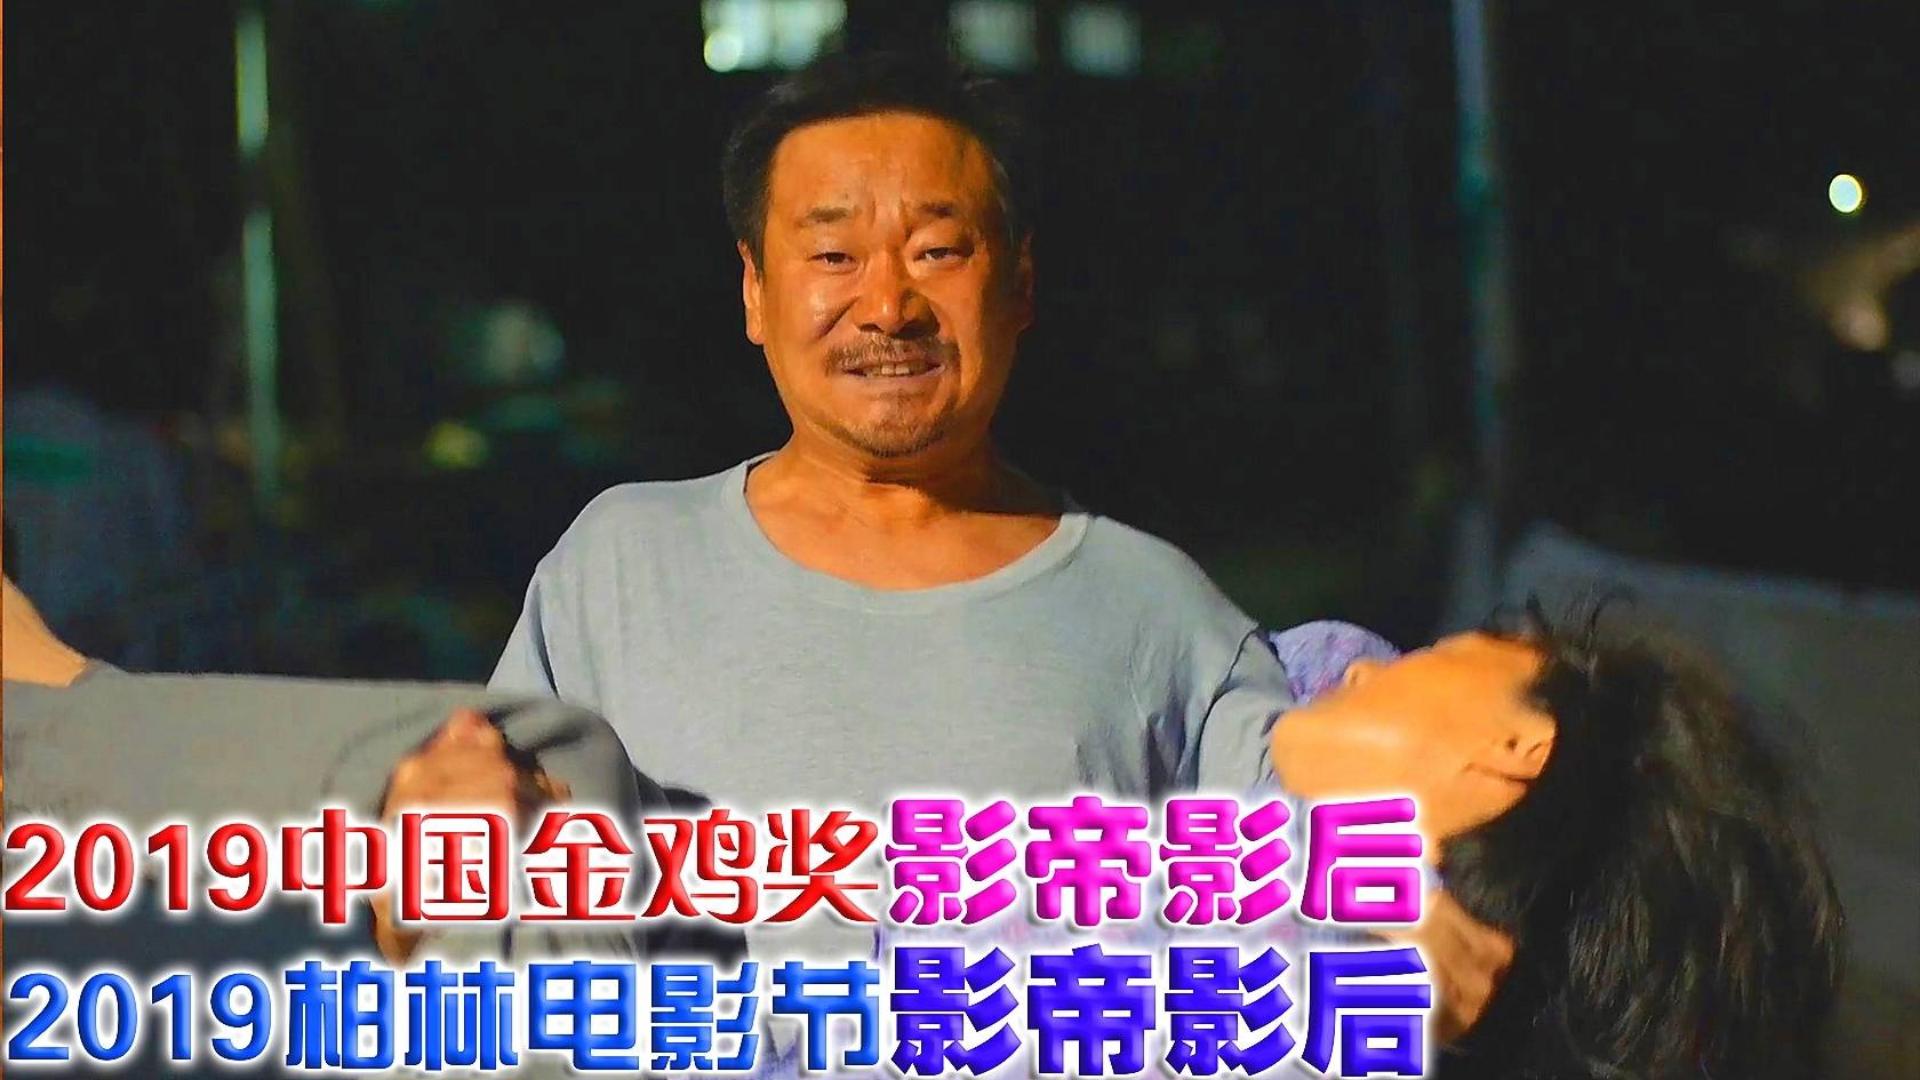 【83期】2019高分最新金鸡奖银熊奖双料影帝影后,王源参演《地久天长》